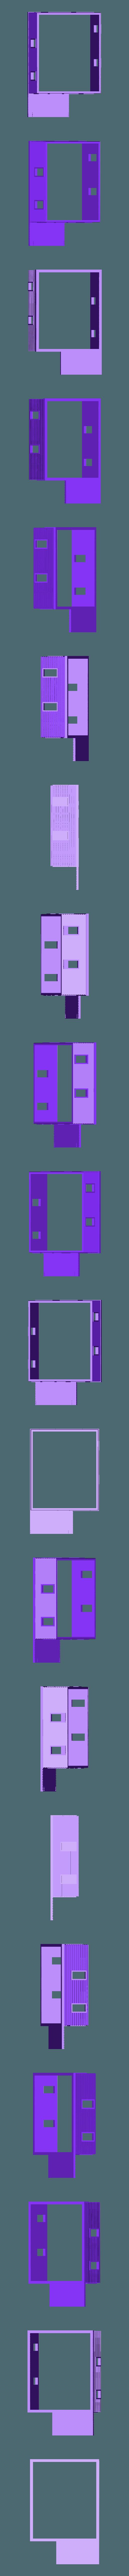 Walls.stl Télécharger fichier STL gratuit Échelle HO L'Ionia • Modèle à imprimer en 3D, kabrumble